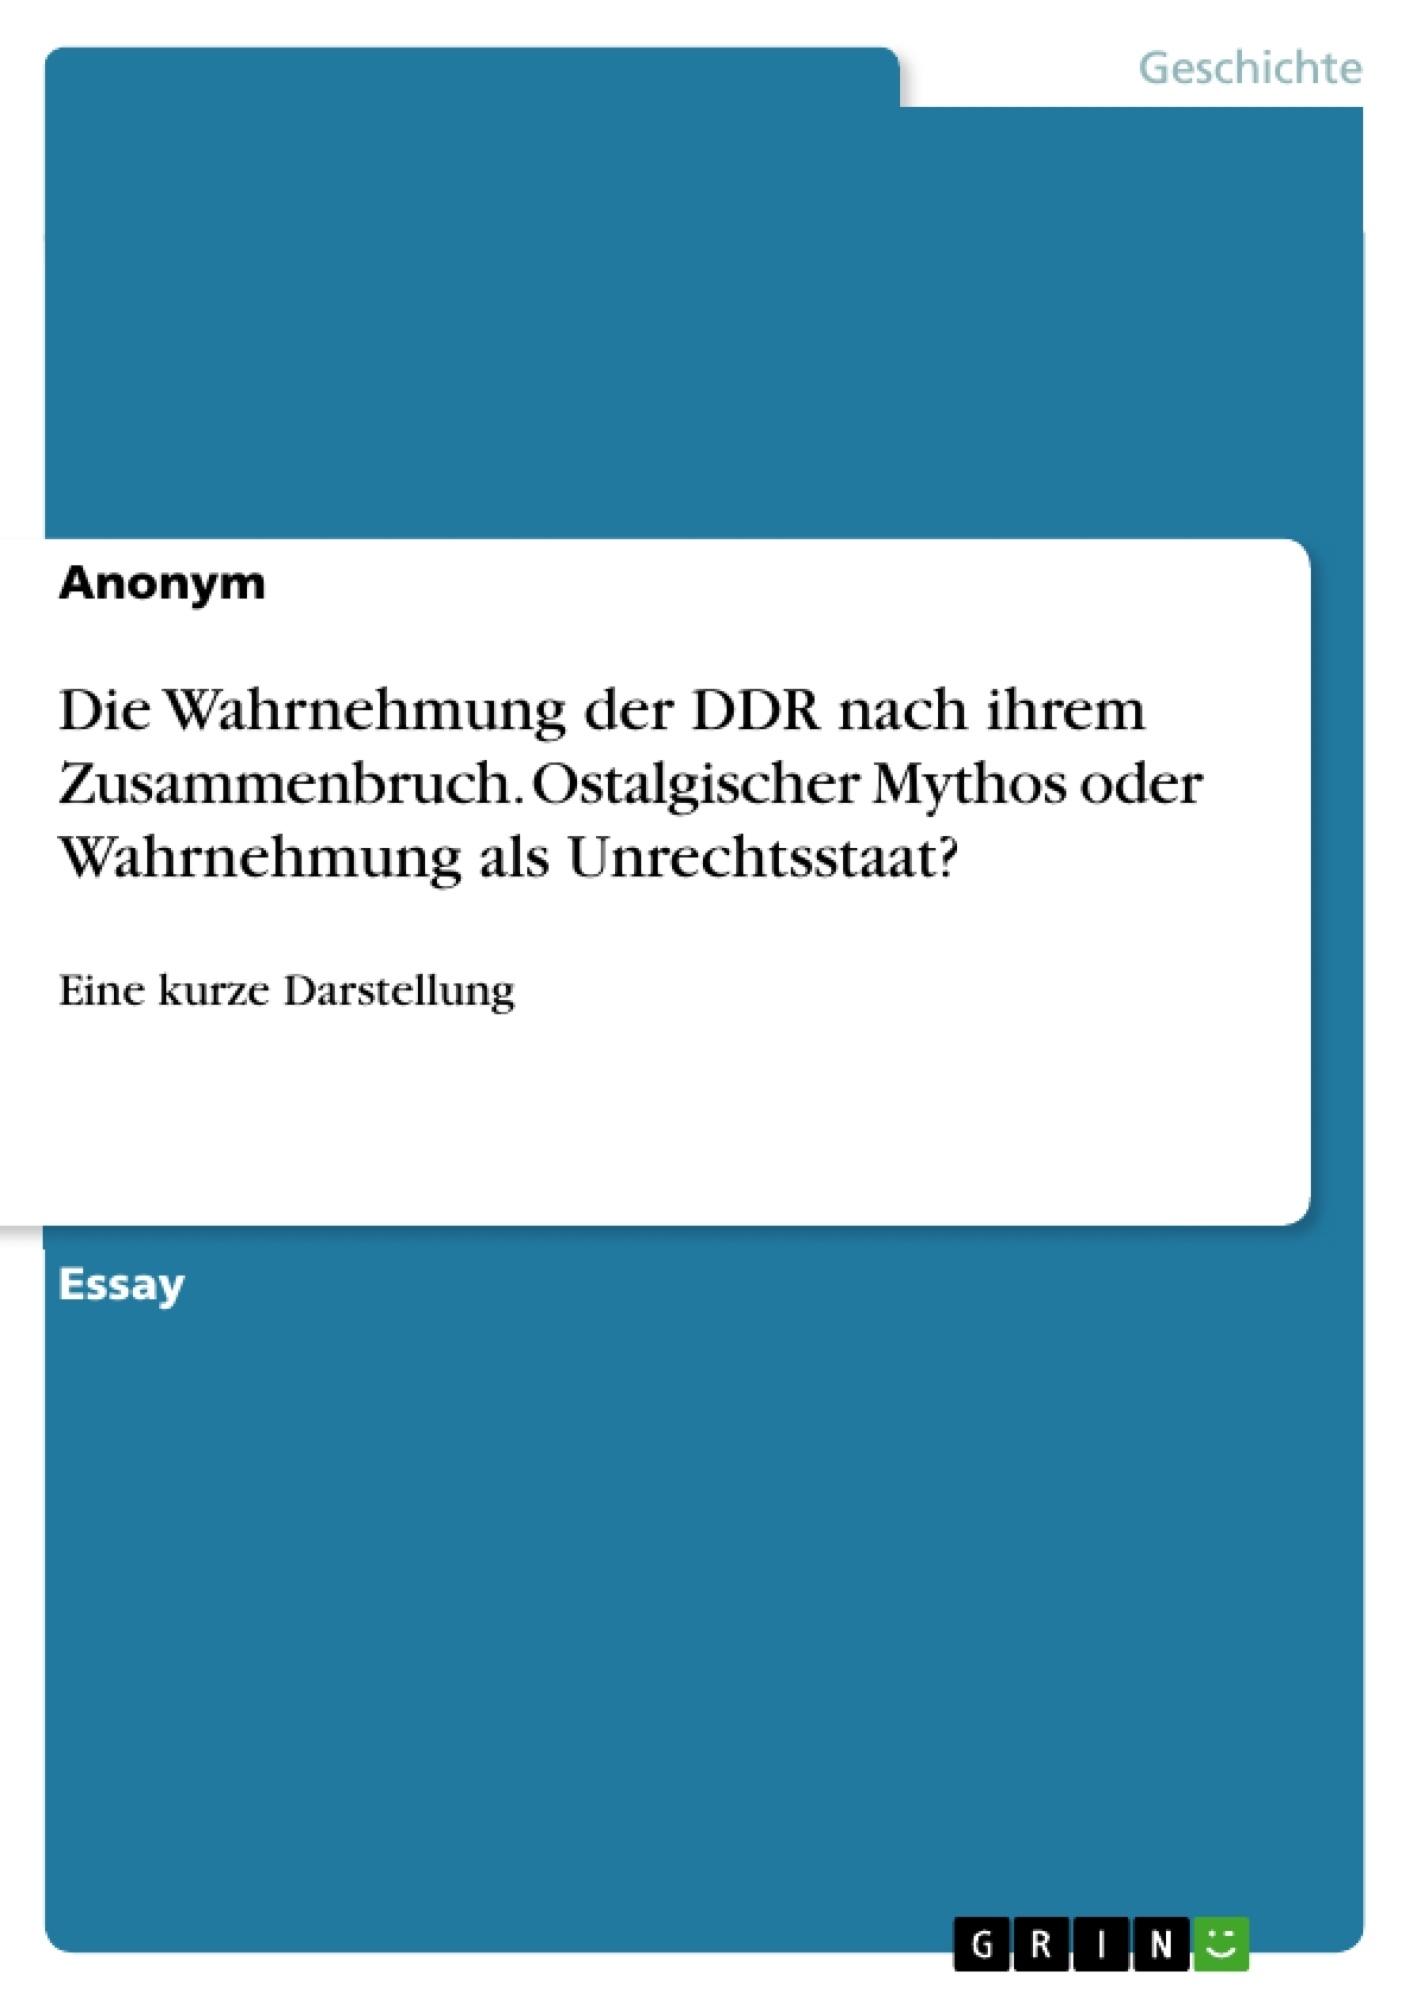 Titel: Die Wahrnehmung der DDR nach ihrem Zusammenbruch. Ostalgischer Mythos oder Wahrnehmung als Unrechtsstaat?